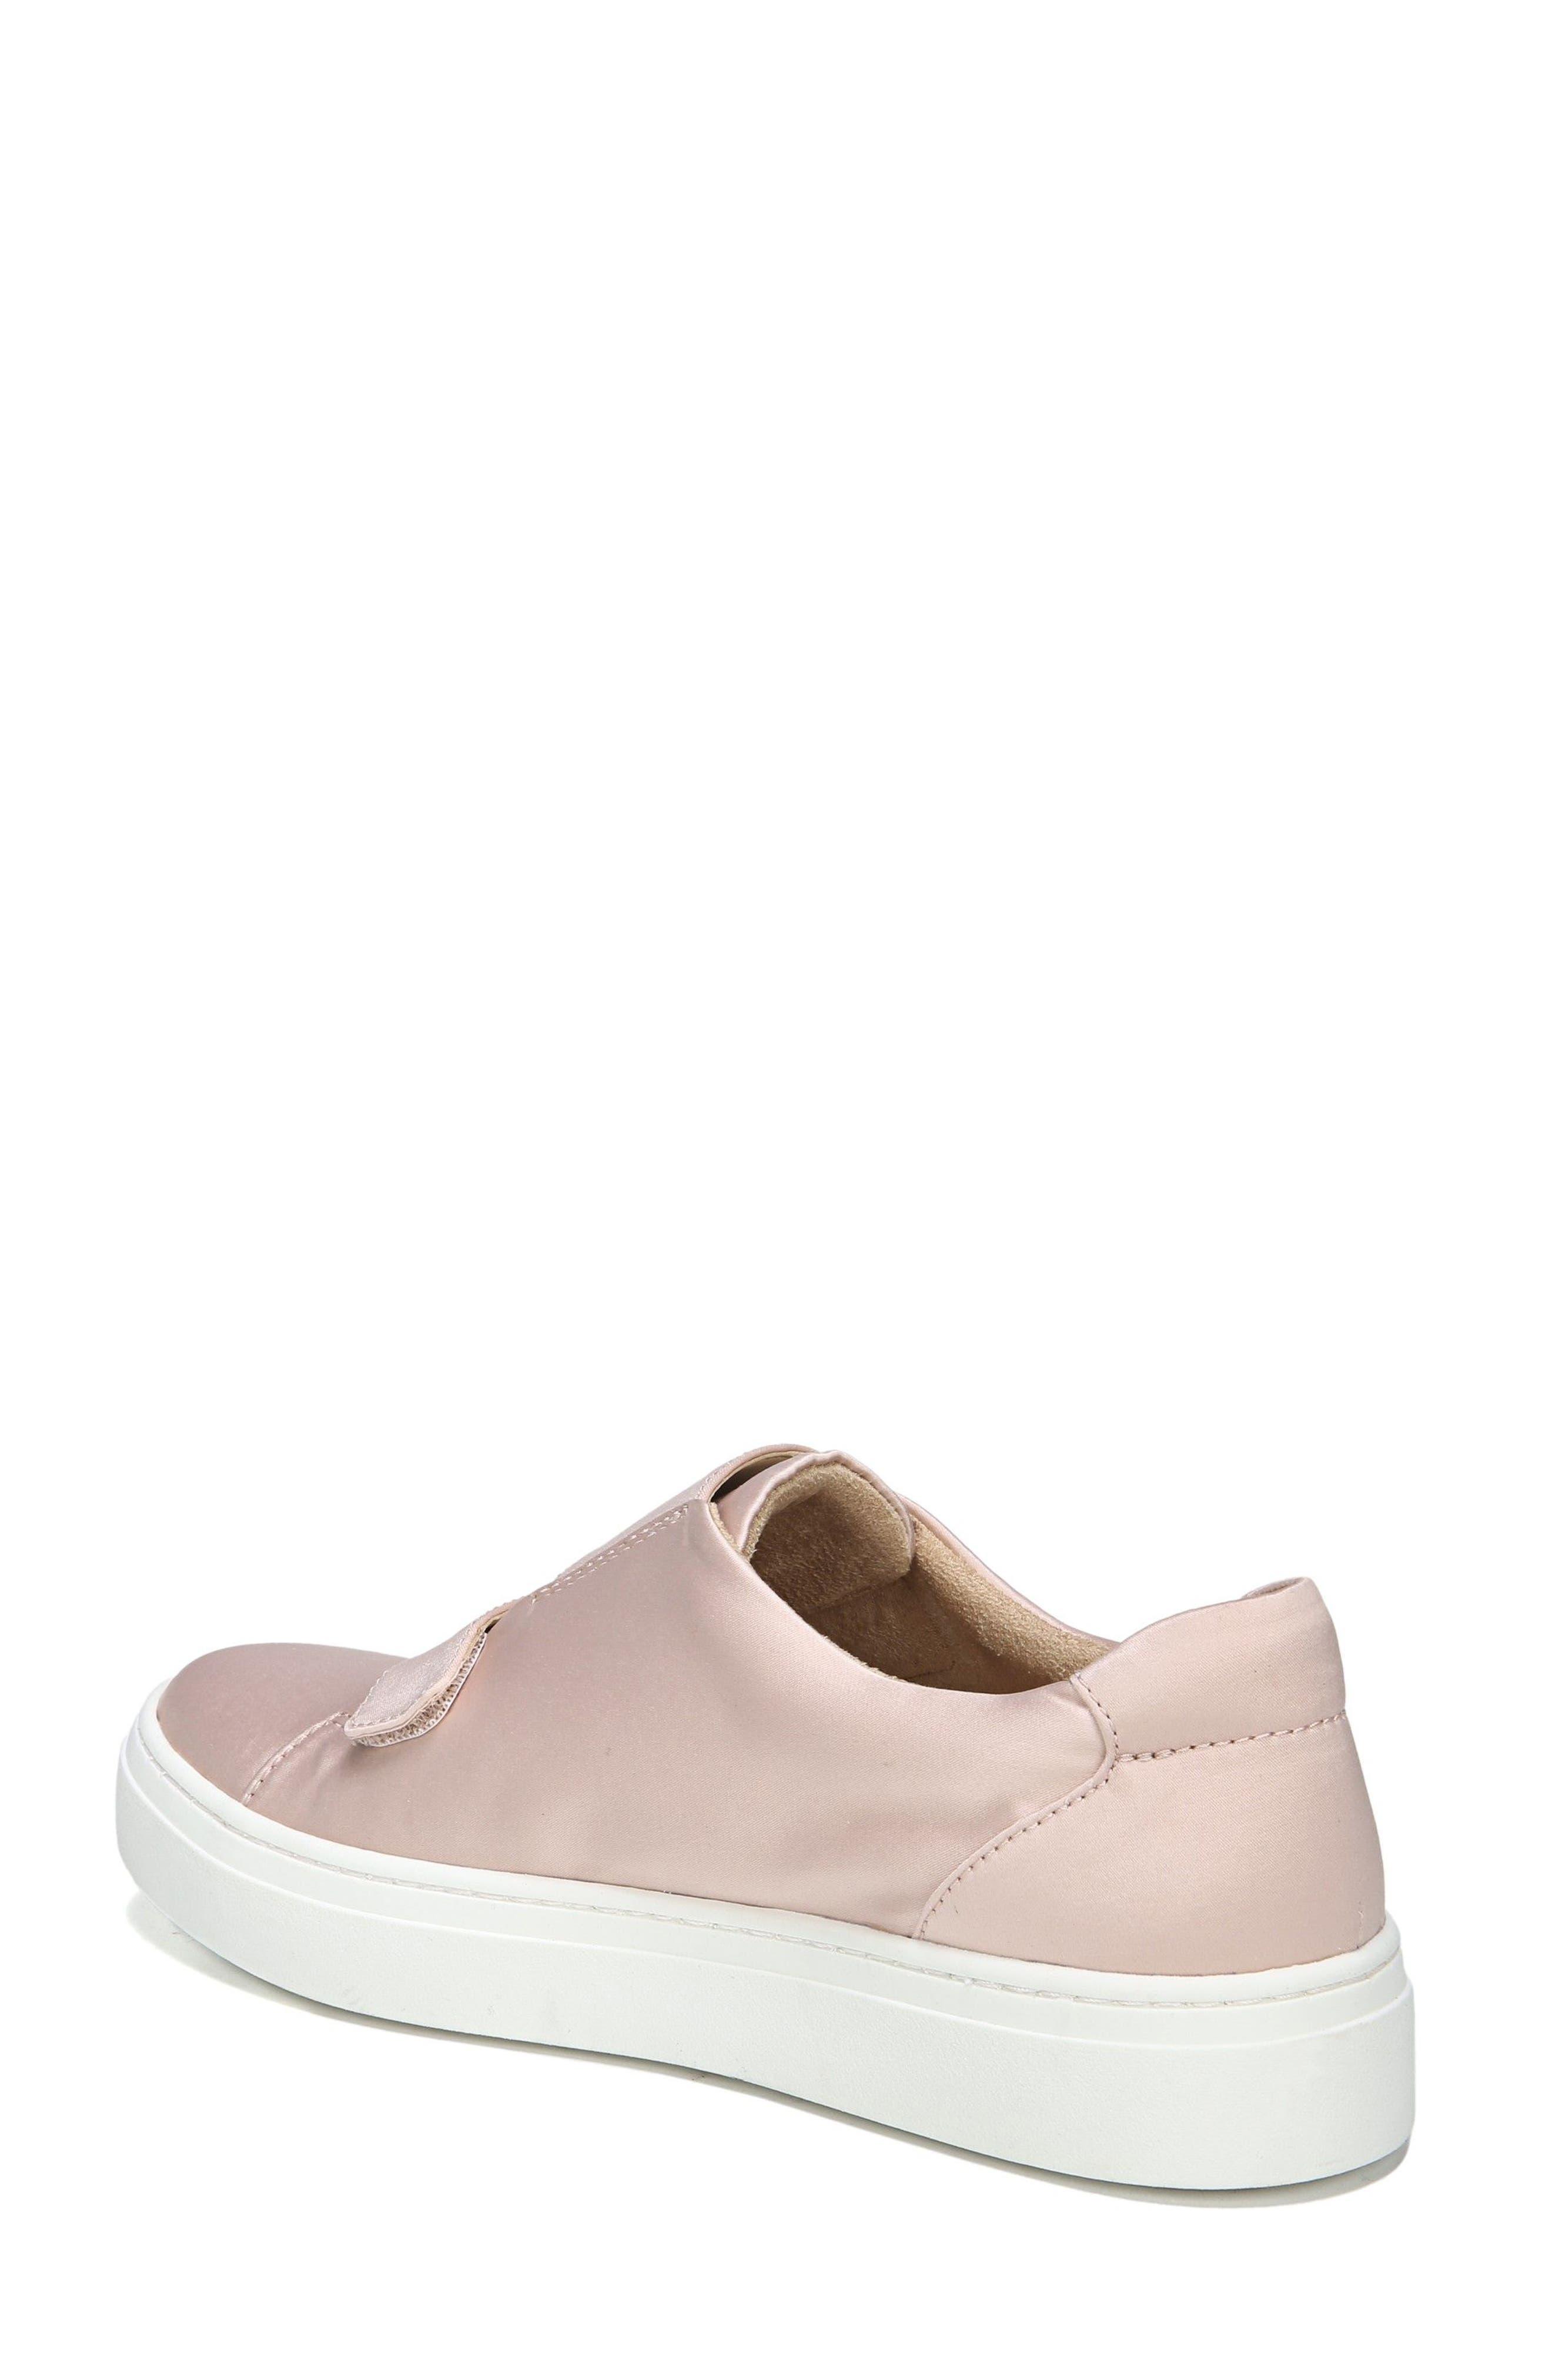 Alternate Image 2  - Naturalizer Charlie Slip-On Sneaker (Women)